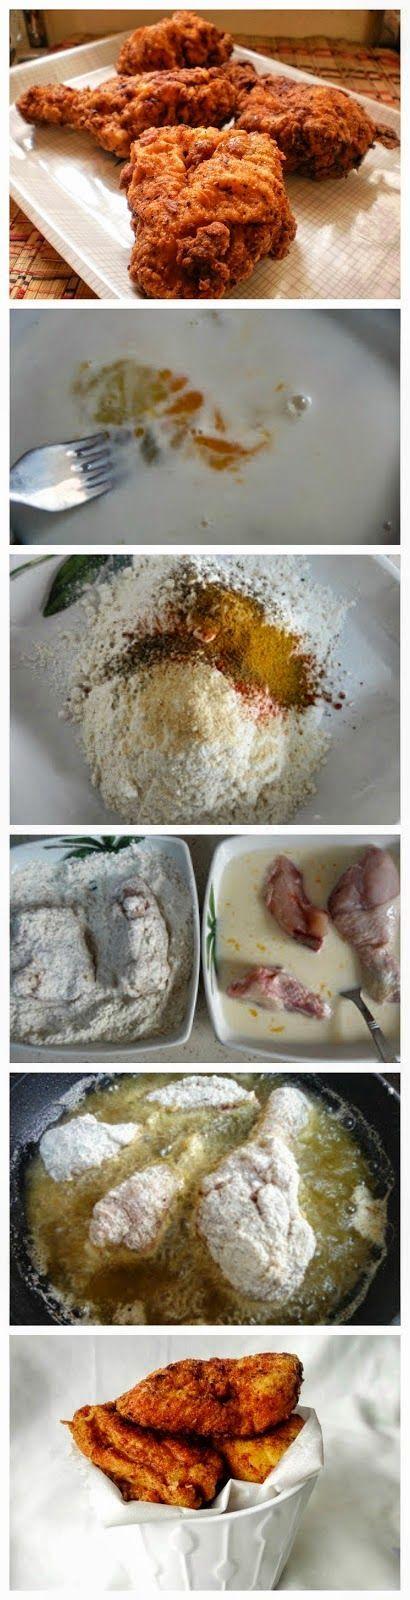 Homemade Kentucky Fried Chicken Recipe